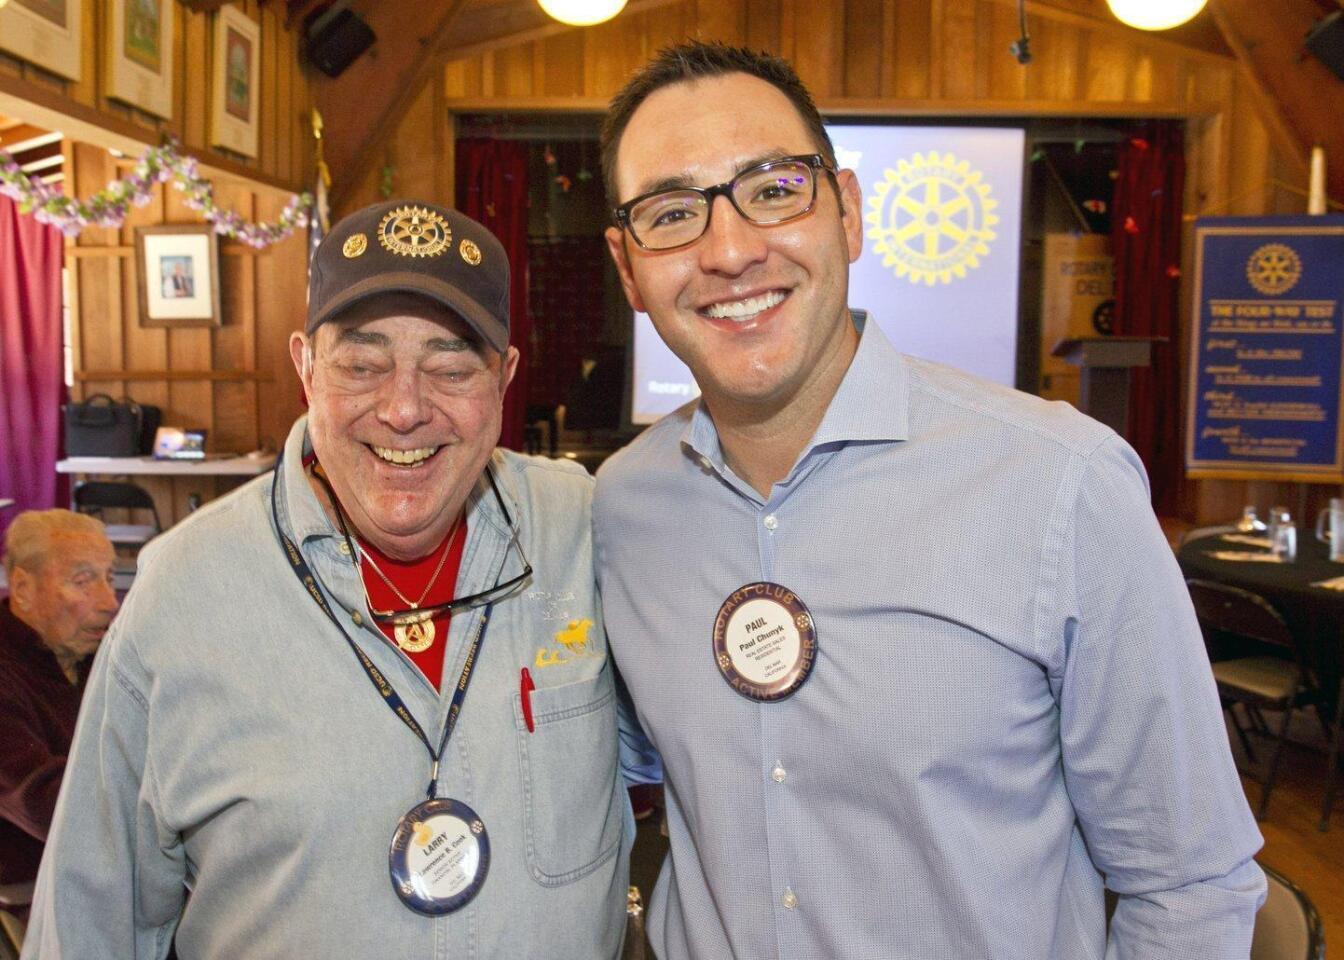 Del Mar Rotary Club celebrates Monty Woolley